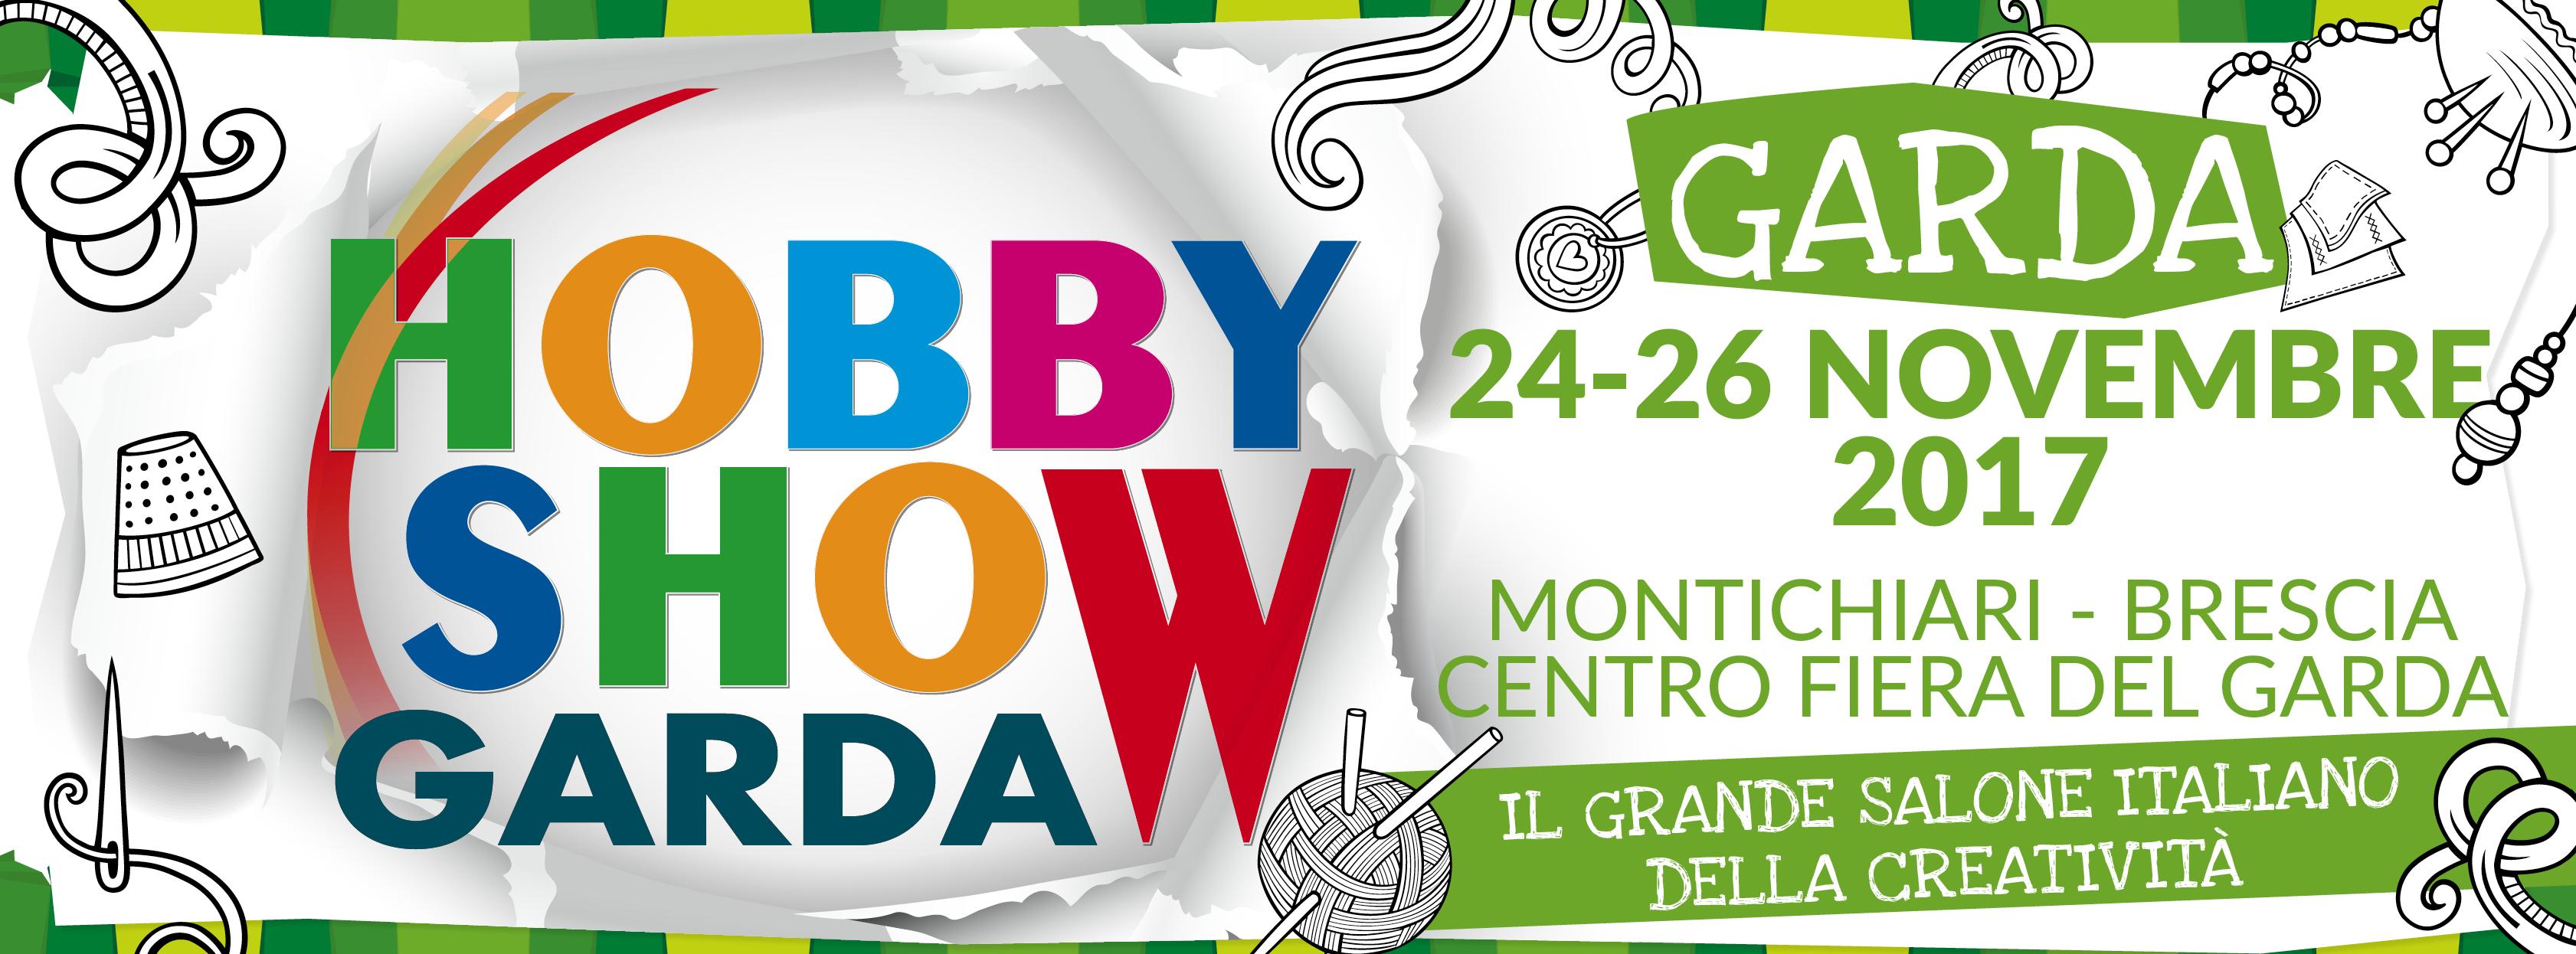 Hobby Show Garda novembre 2017